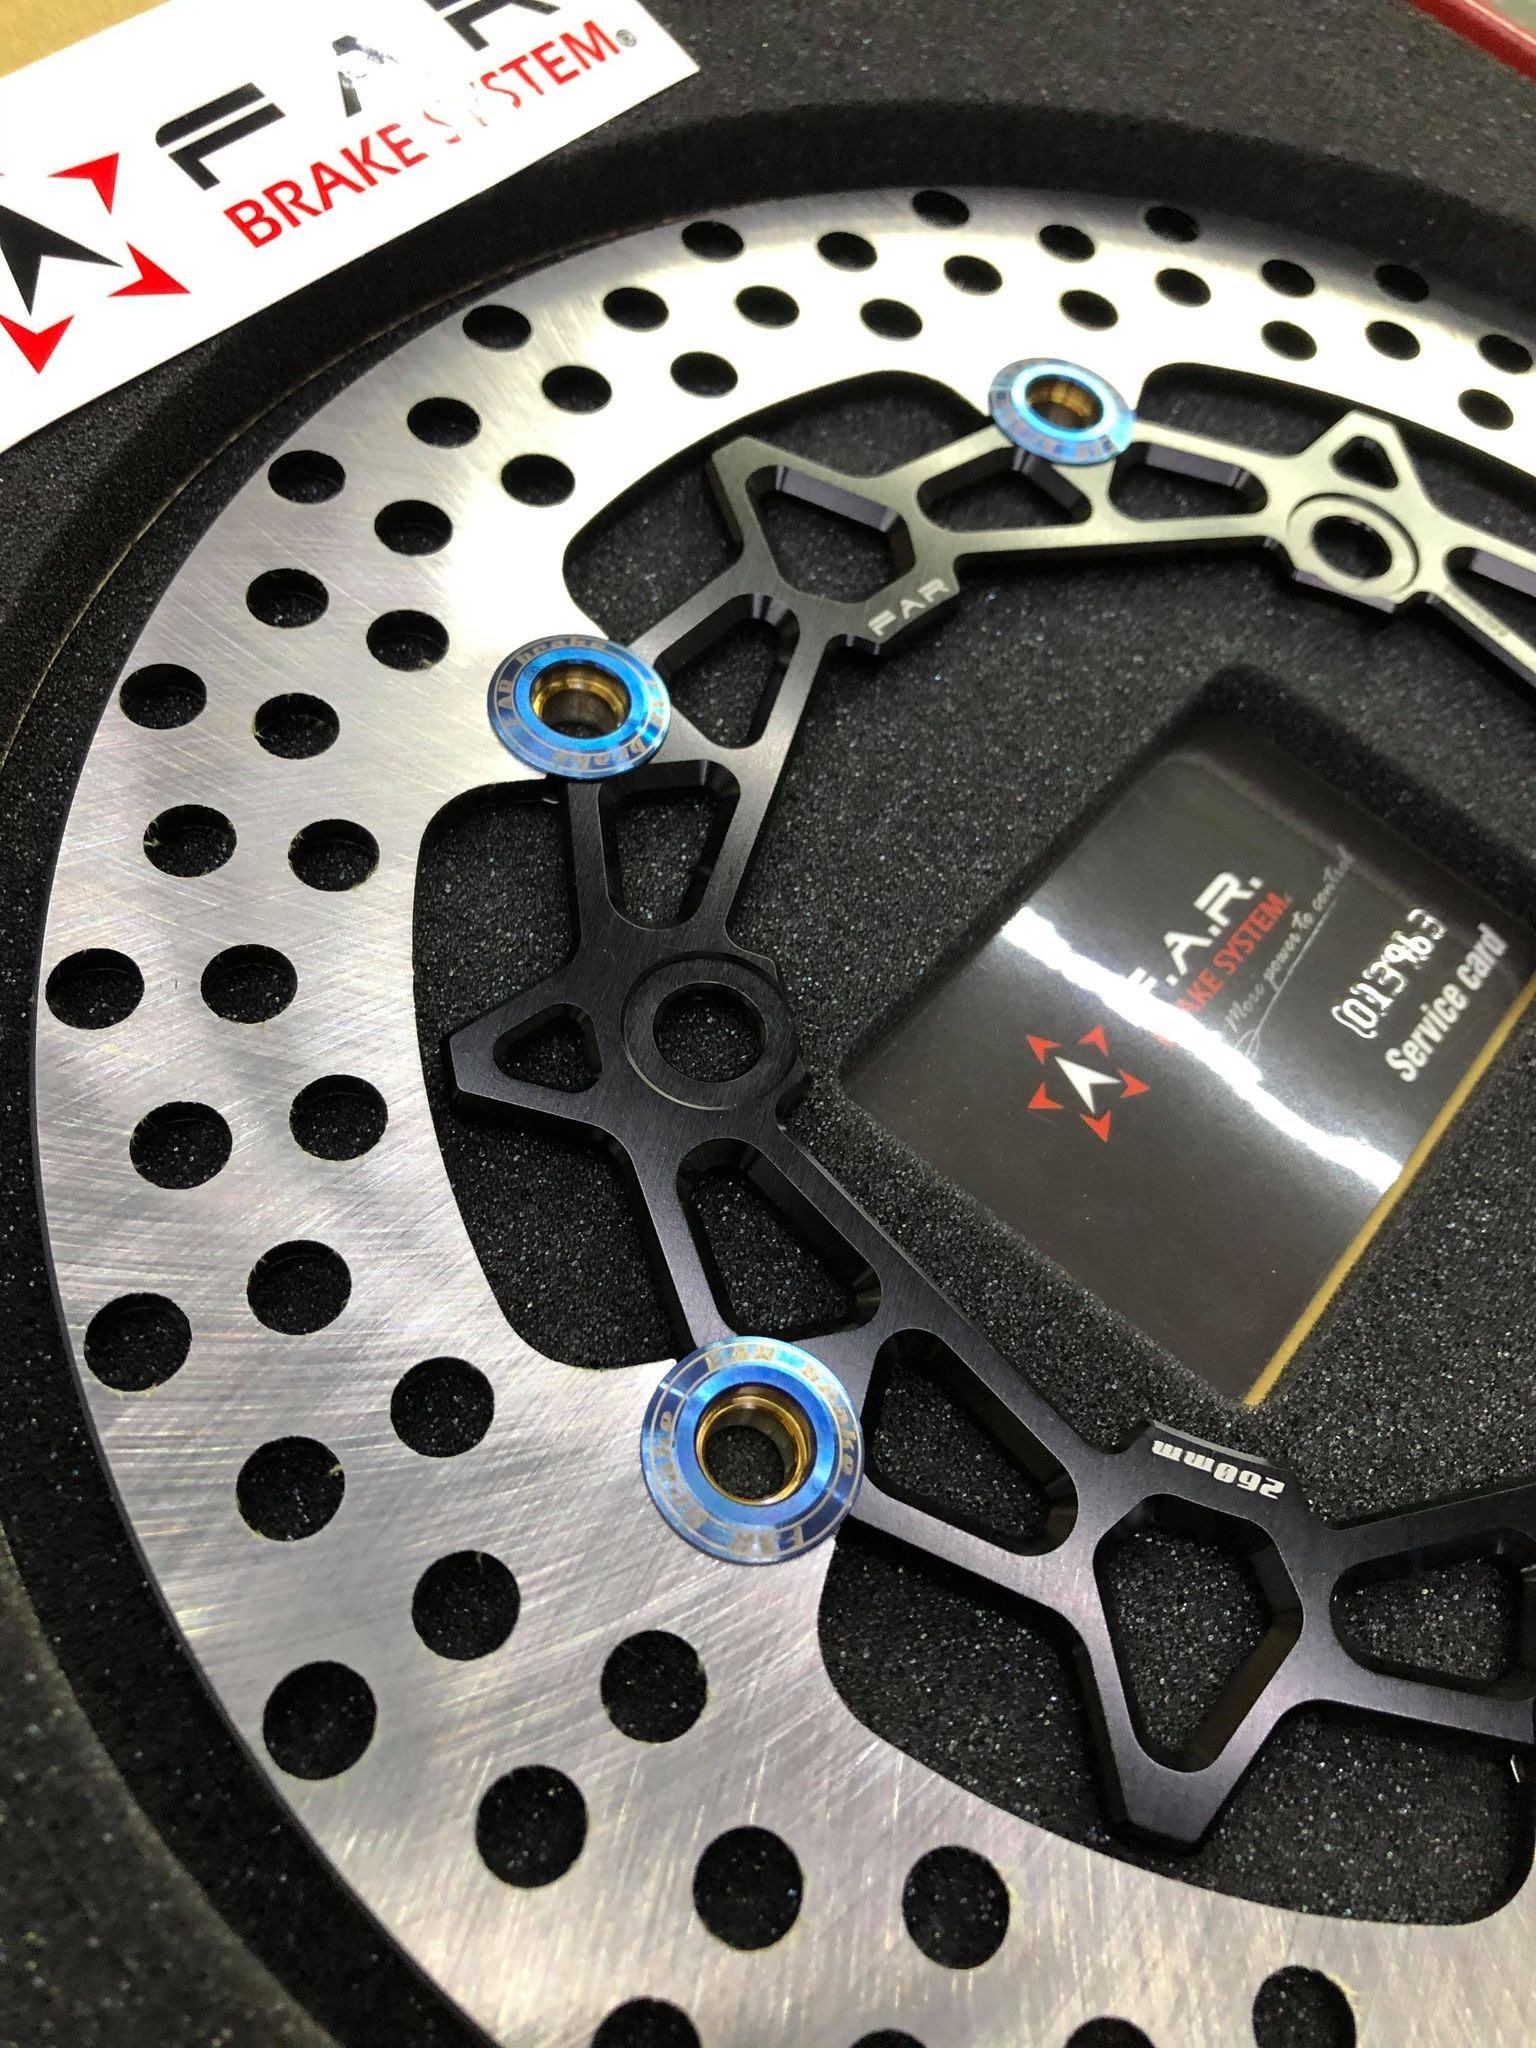 駿馬車業 FAR SA 2020 N MAX 155 勁戰 6代 六代 260MM 浮動碟 燒鈦版/送燒鈦白鐵螺絲